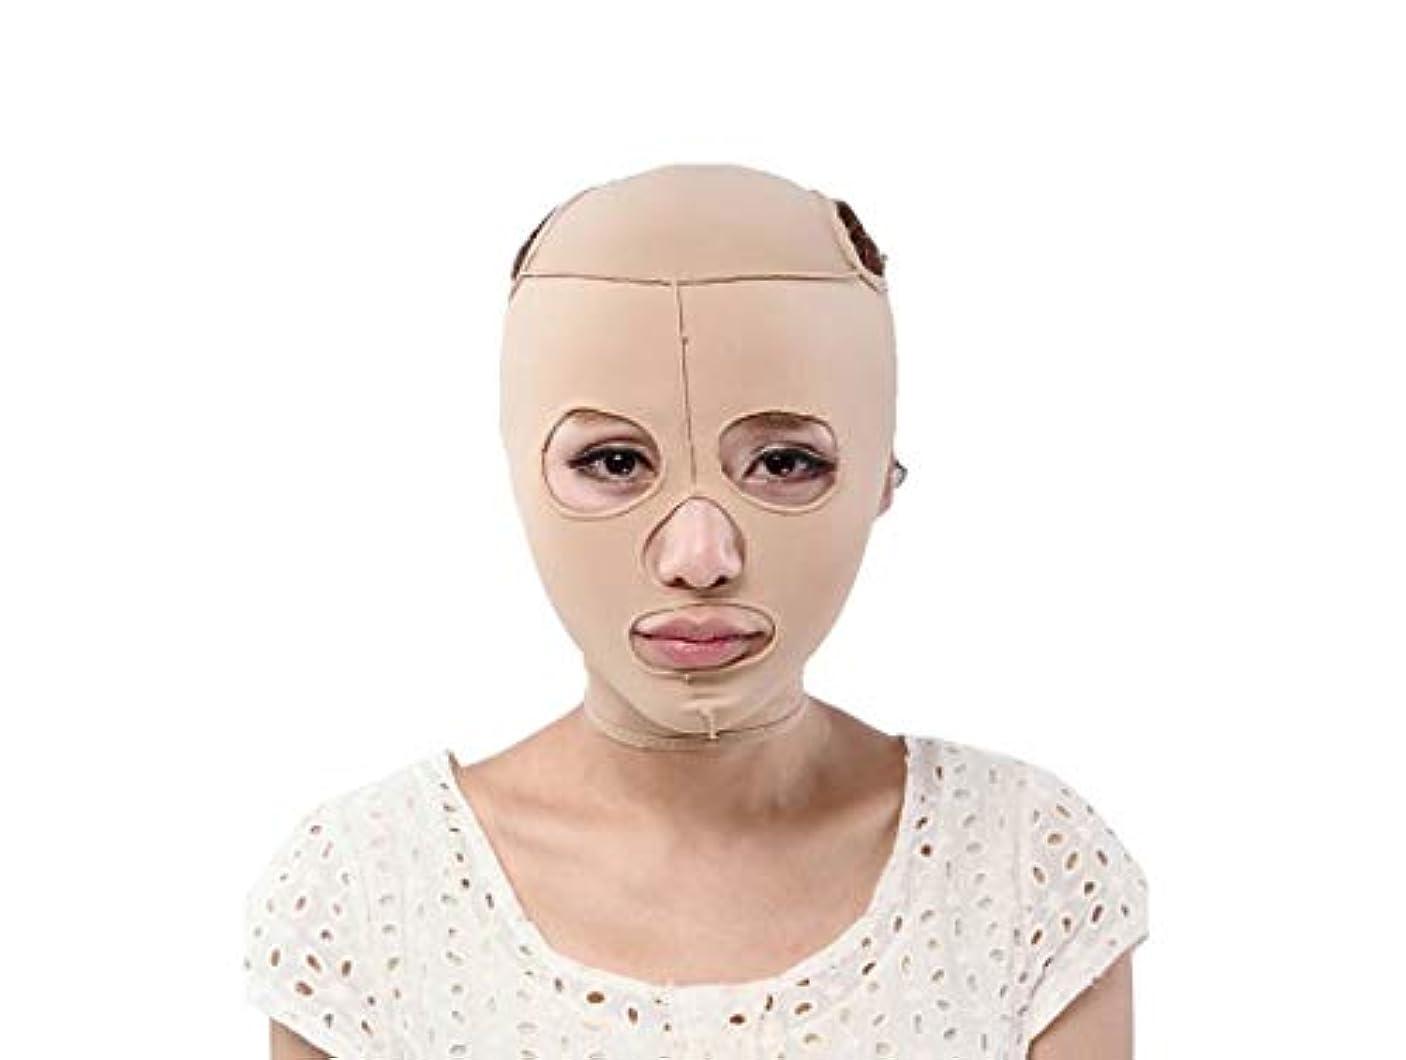 収まる部族悲観主義者XHLMRMJ 痩身ベルト、フェイスマスク薄い顔楽器リフティング引き締めvフェイス男性と女性フェイスリフティングステッカー二重あごフェイスリフティングフェイスマスク包帯フェイシャルマッサージ (Size : S)